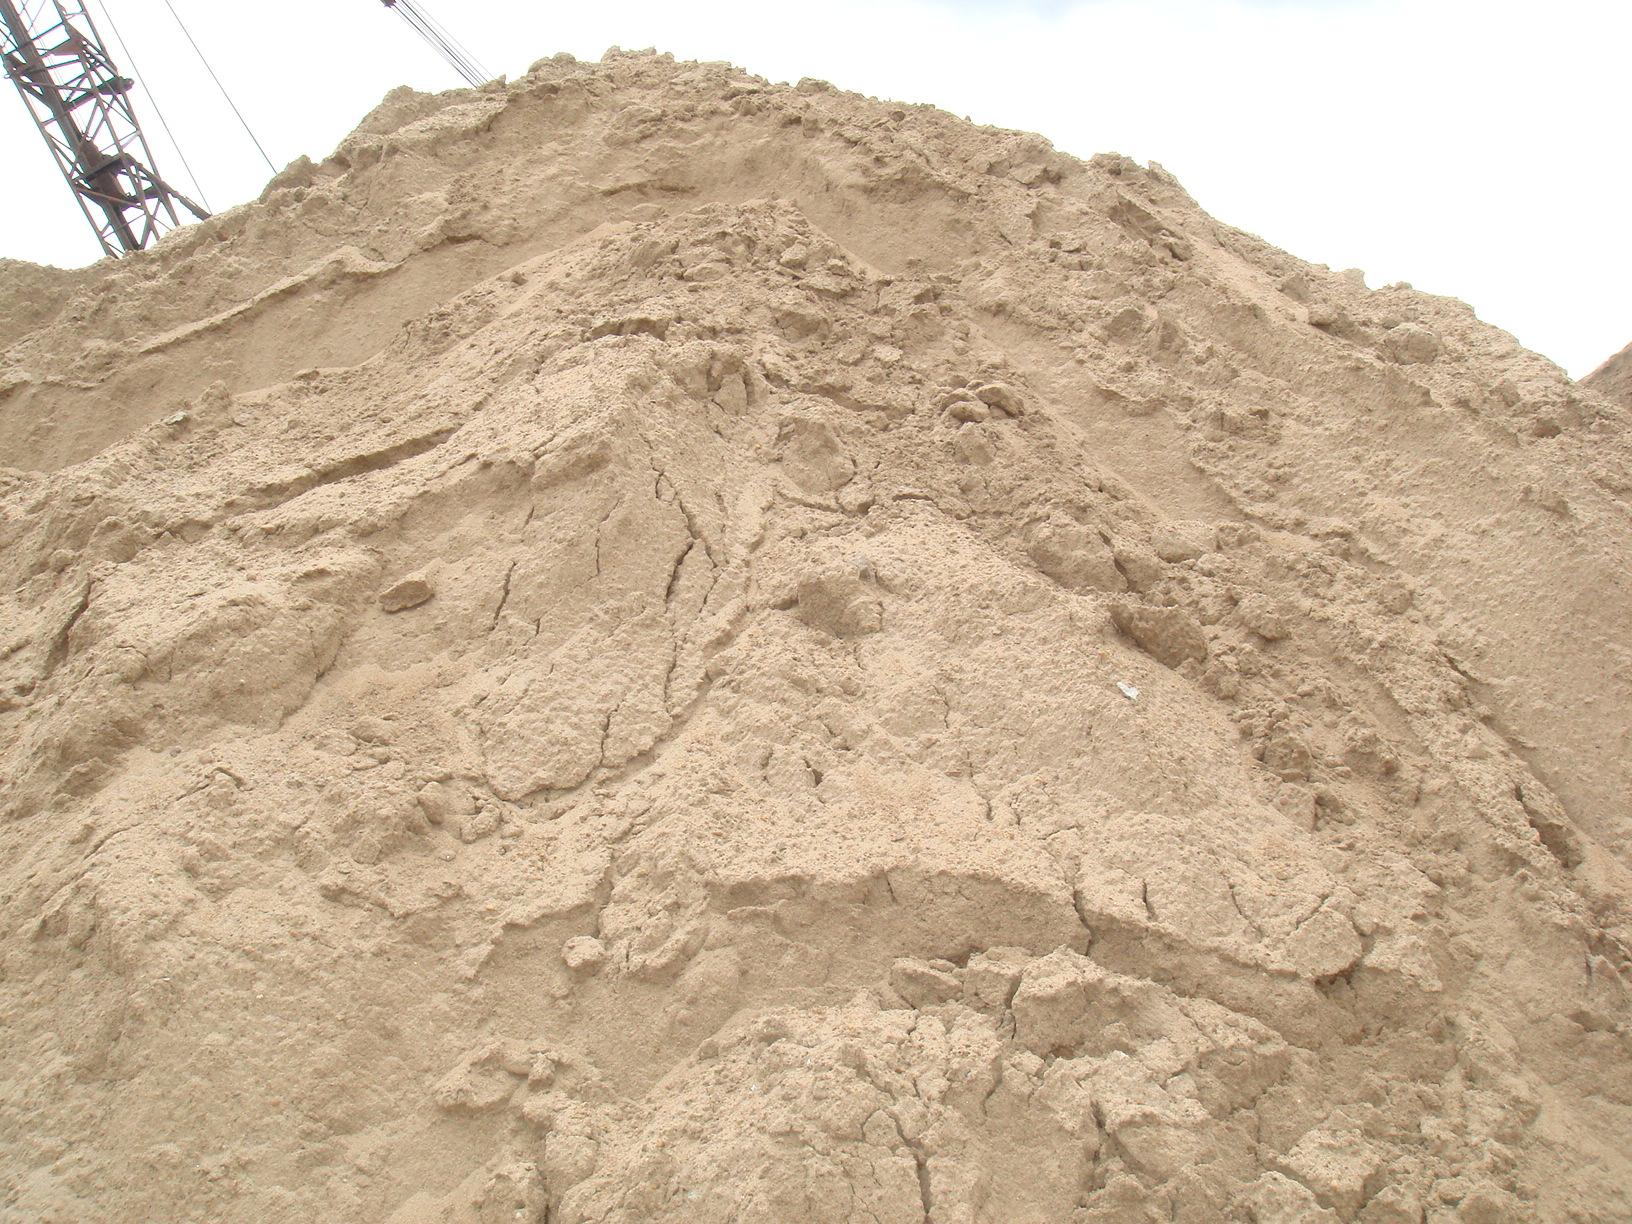 Sài Gòn CMC cung cấp giá cát san lấp cập nhật tháng 9 năm 2020